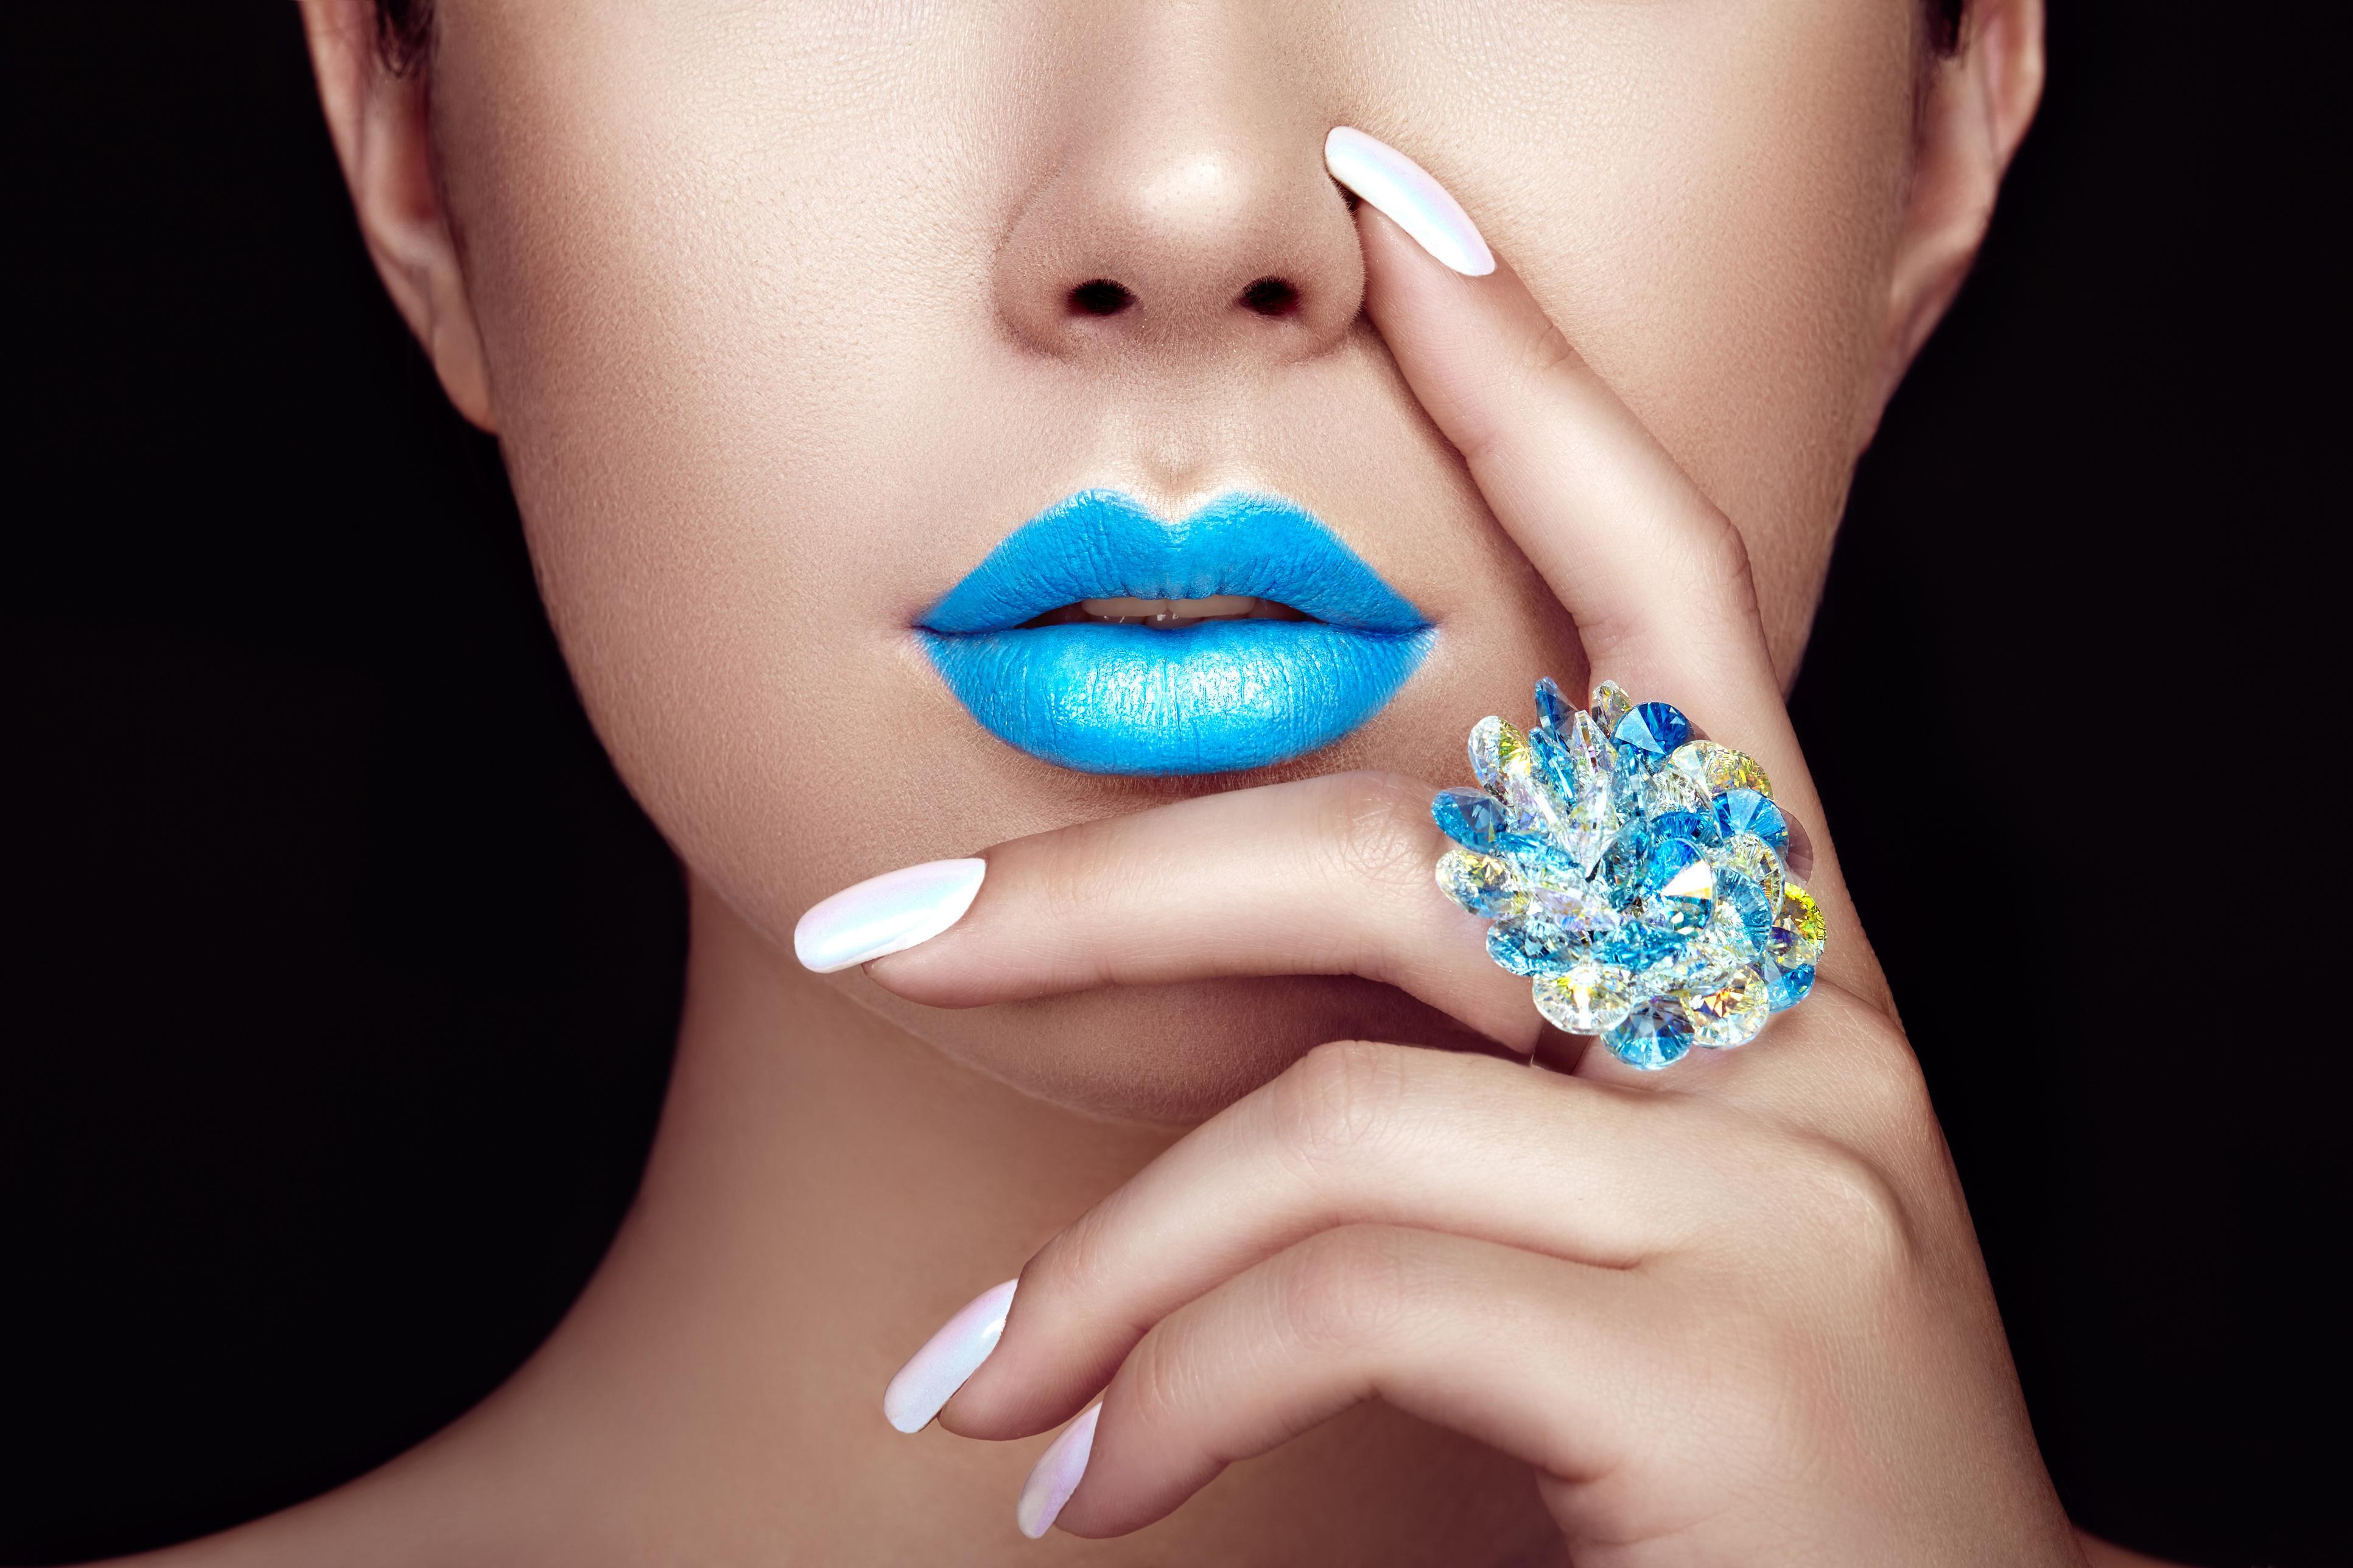 El Acrigel, La Nueva Técnica Que Potencia La Belleza Y Durabilidad De Nuestras Uñas